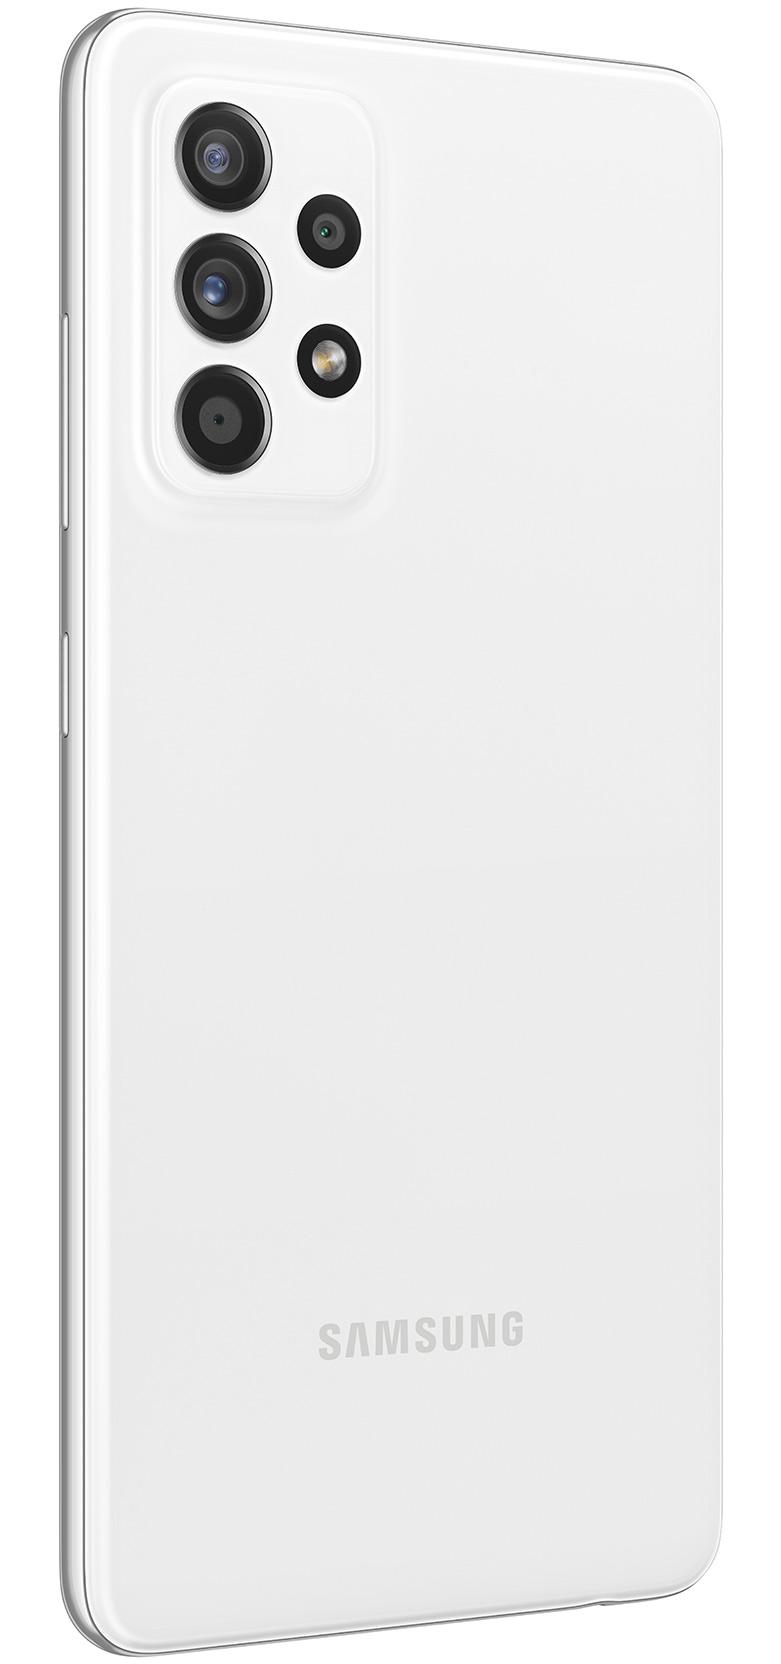 Samsung Galaxy A72 white 8GB |128GB